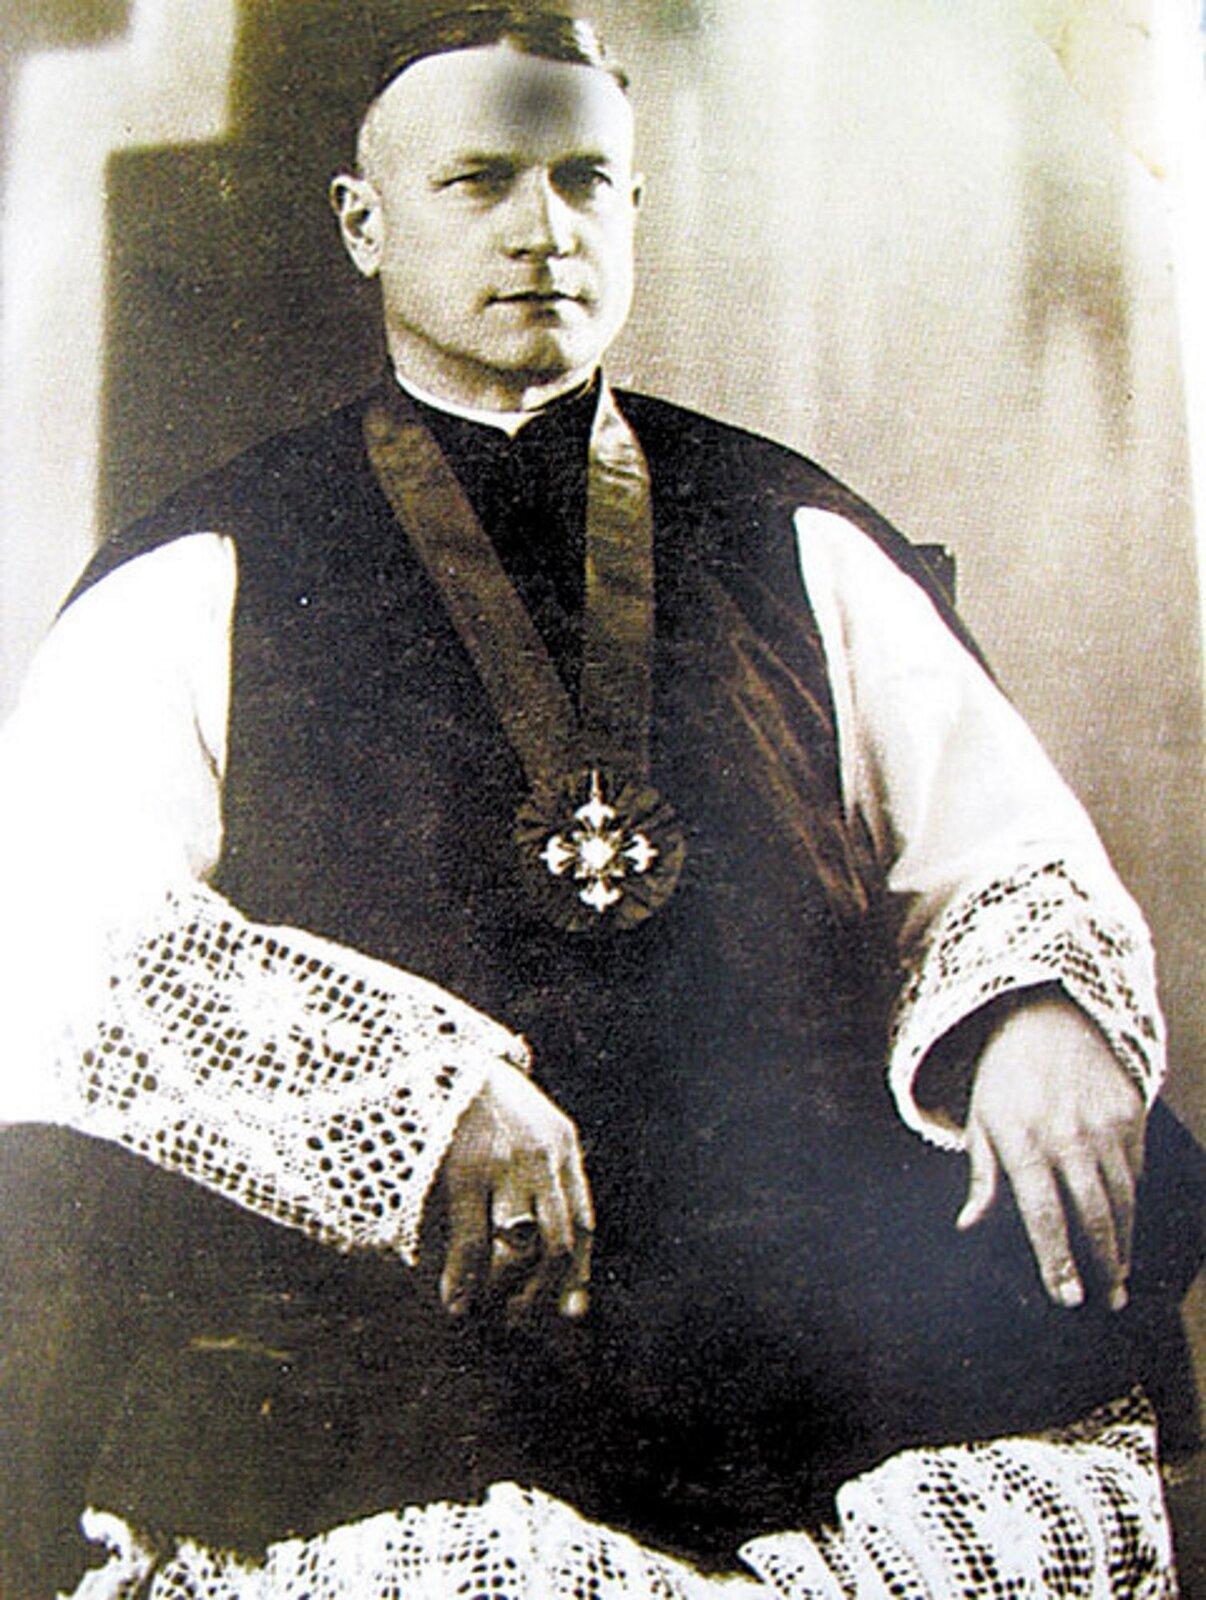 Fotografia nieznanego autora przedstawia portret Władysława Skierkowskiego. Mężczyzna ma krótkie włosy ipozuje na siedząco. Ubrany jest wbiałą szatę oraz czarną narzutę.